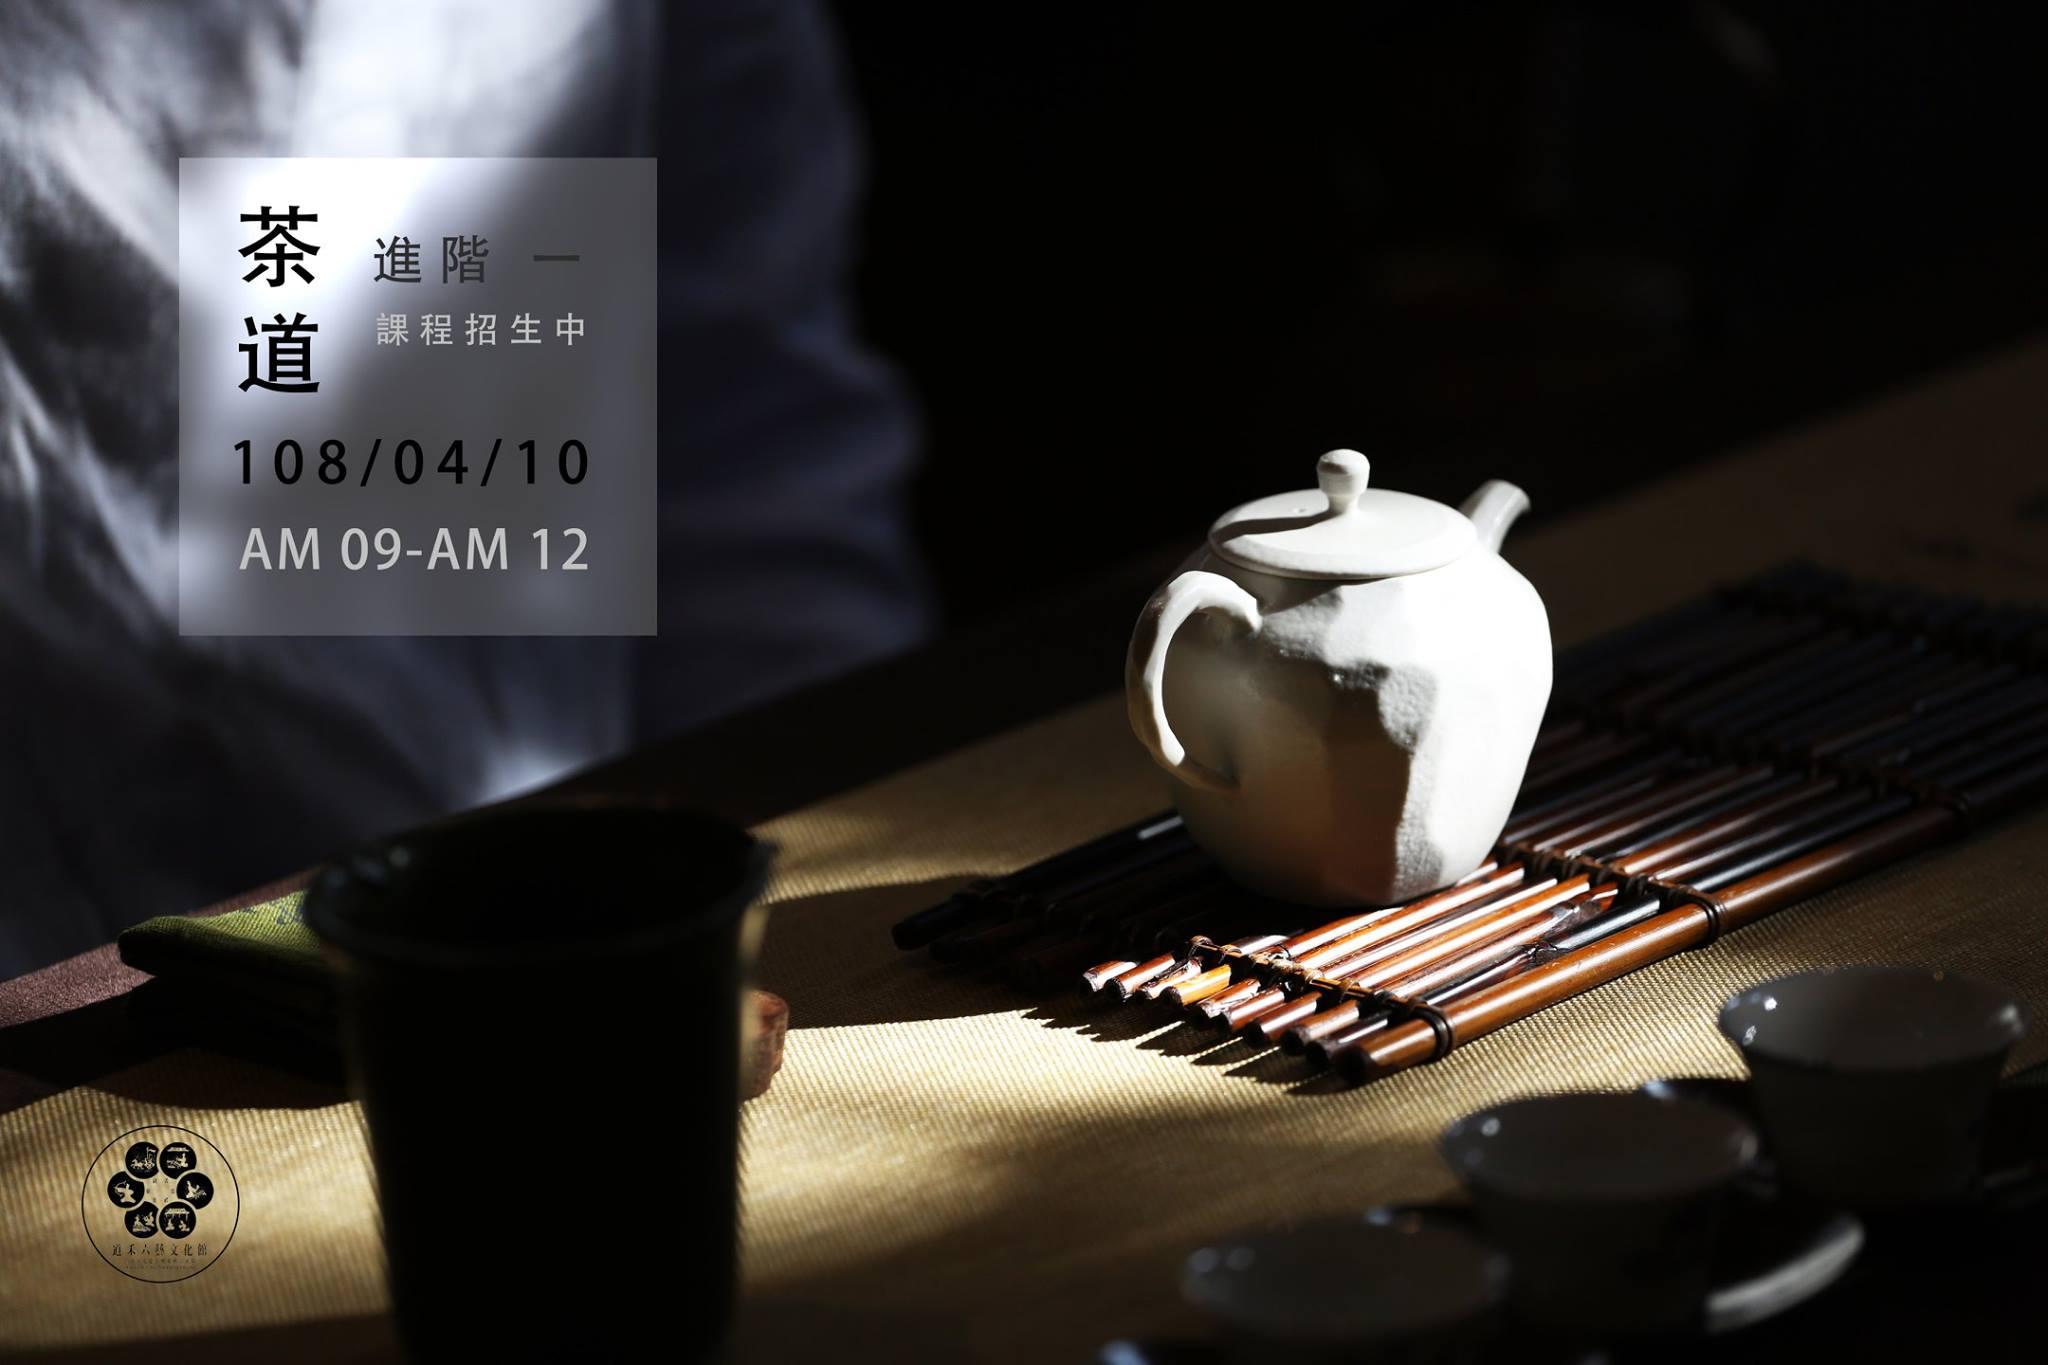 【習六藝●禮】 茶道進階班 即將開班